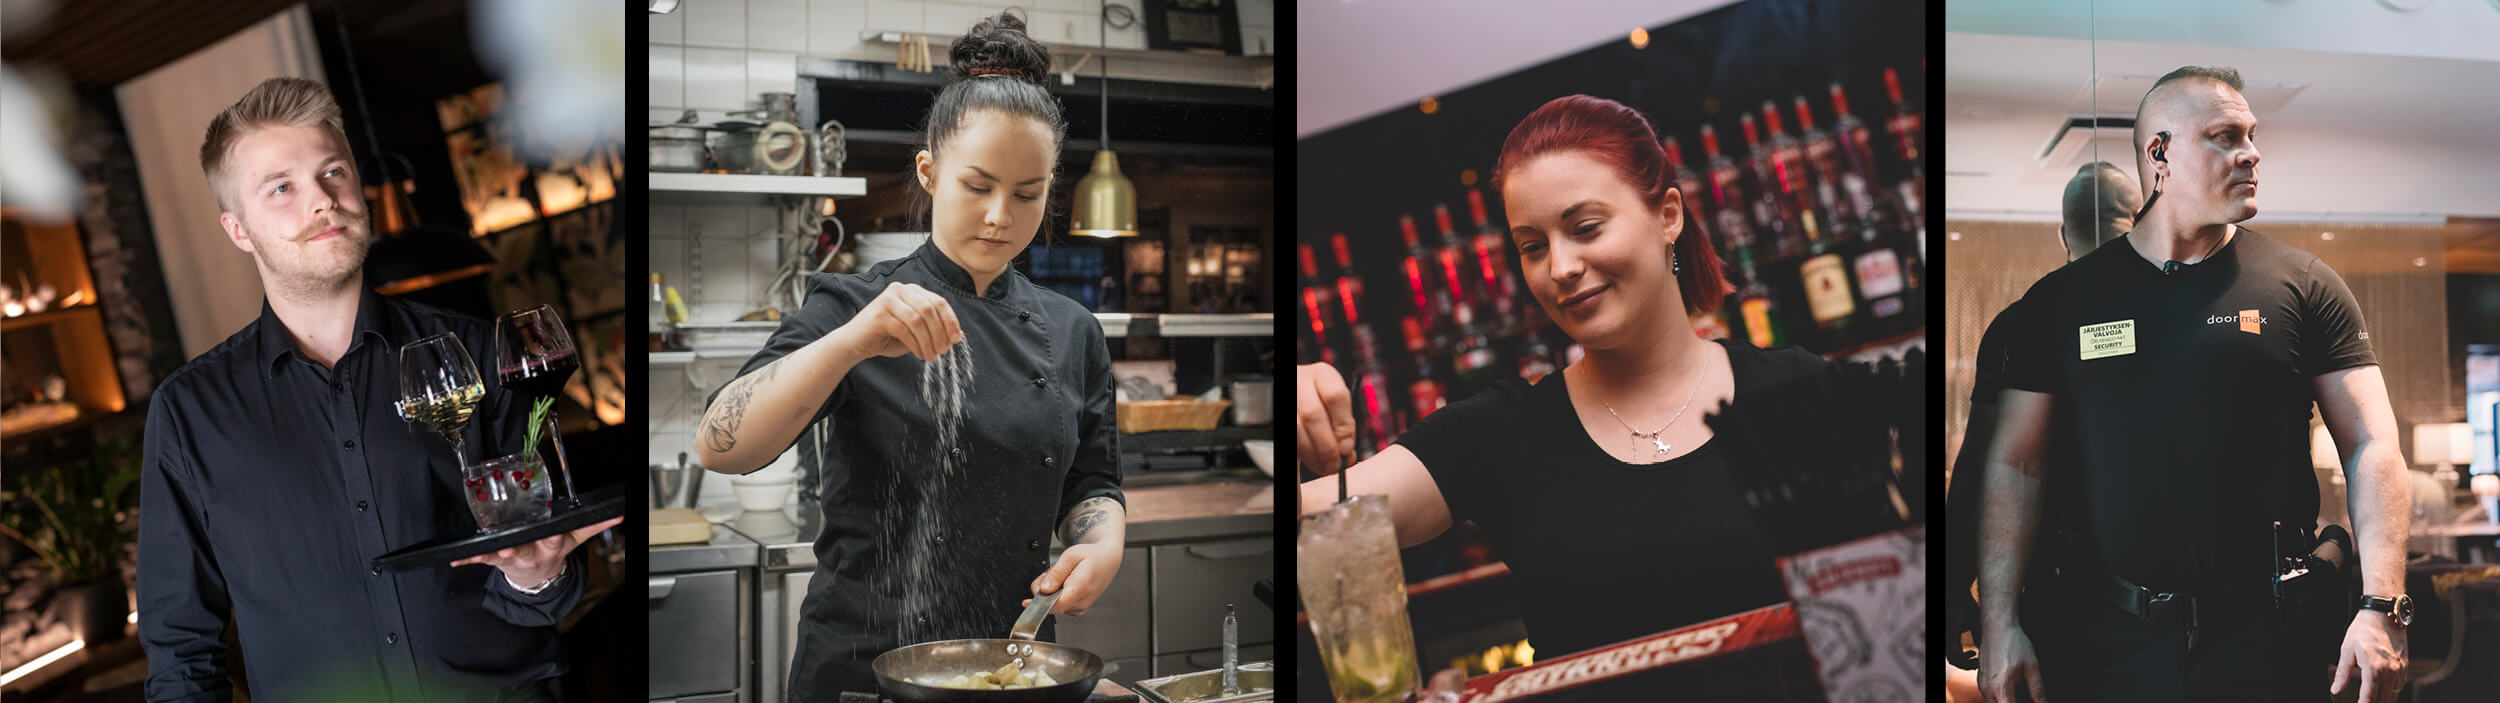 Staffmax ravintola-alan palvelut, työntekijät: tarjoilija. kokki, baarimikko, henkivartija